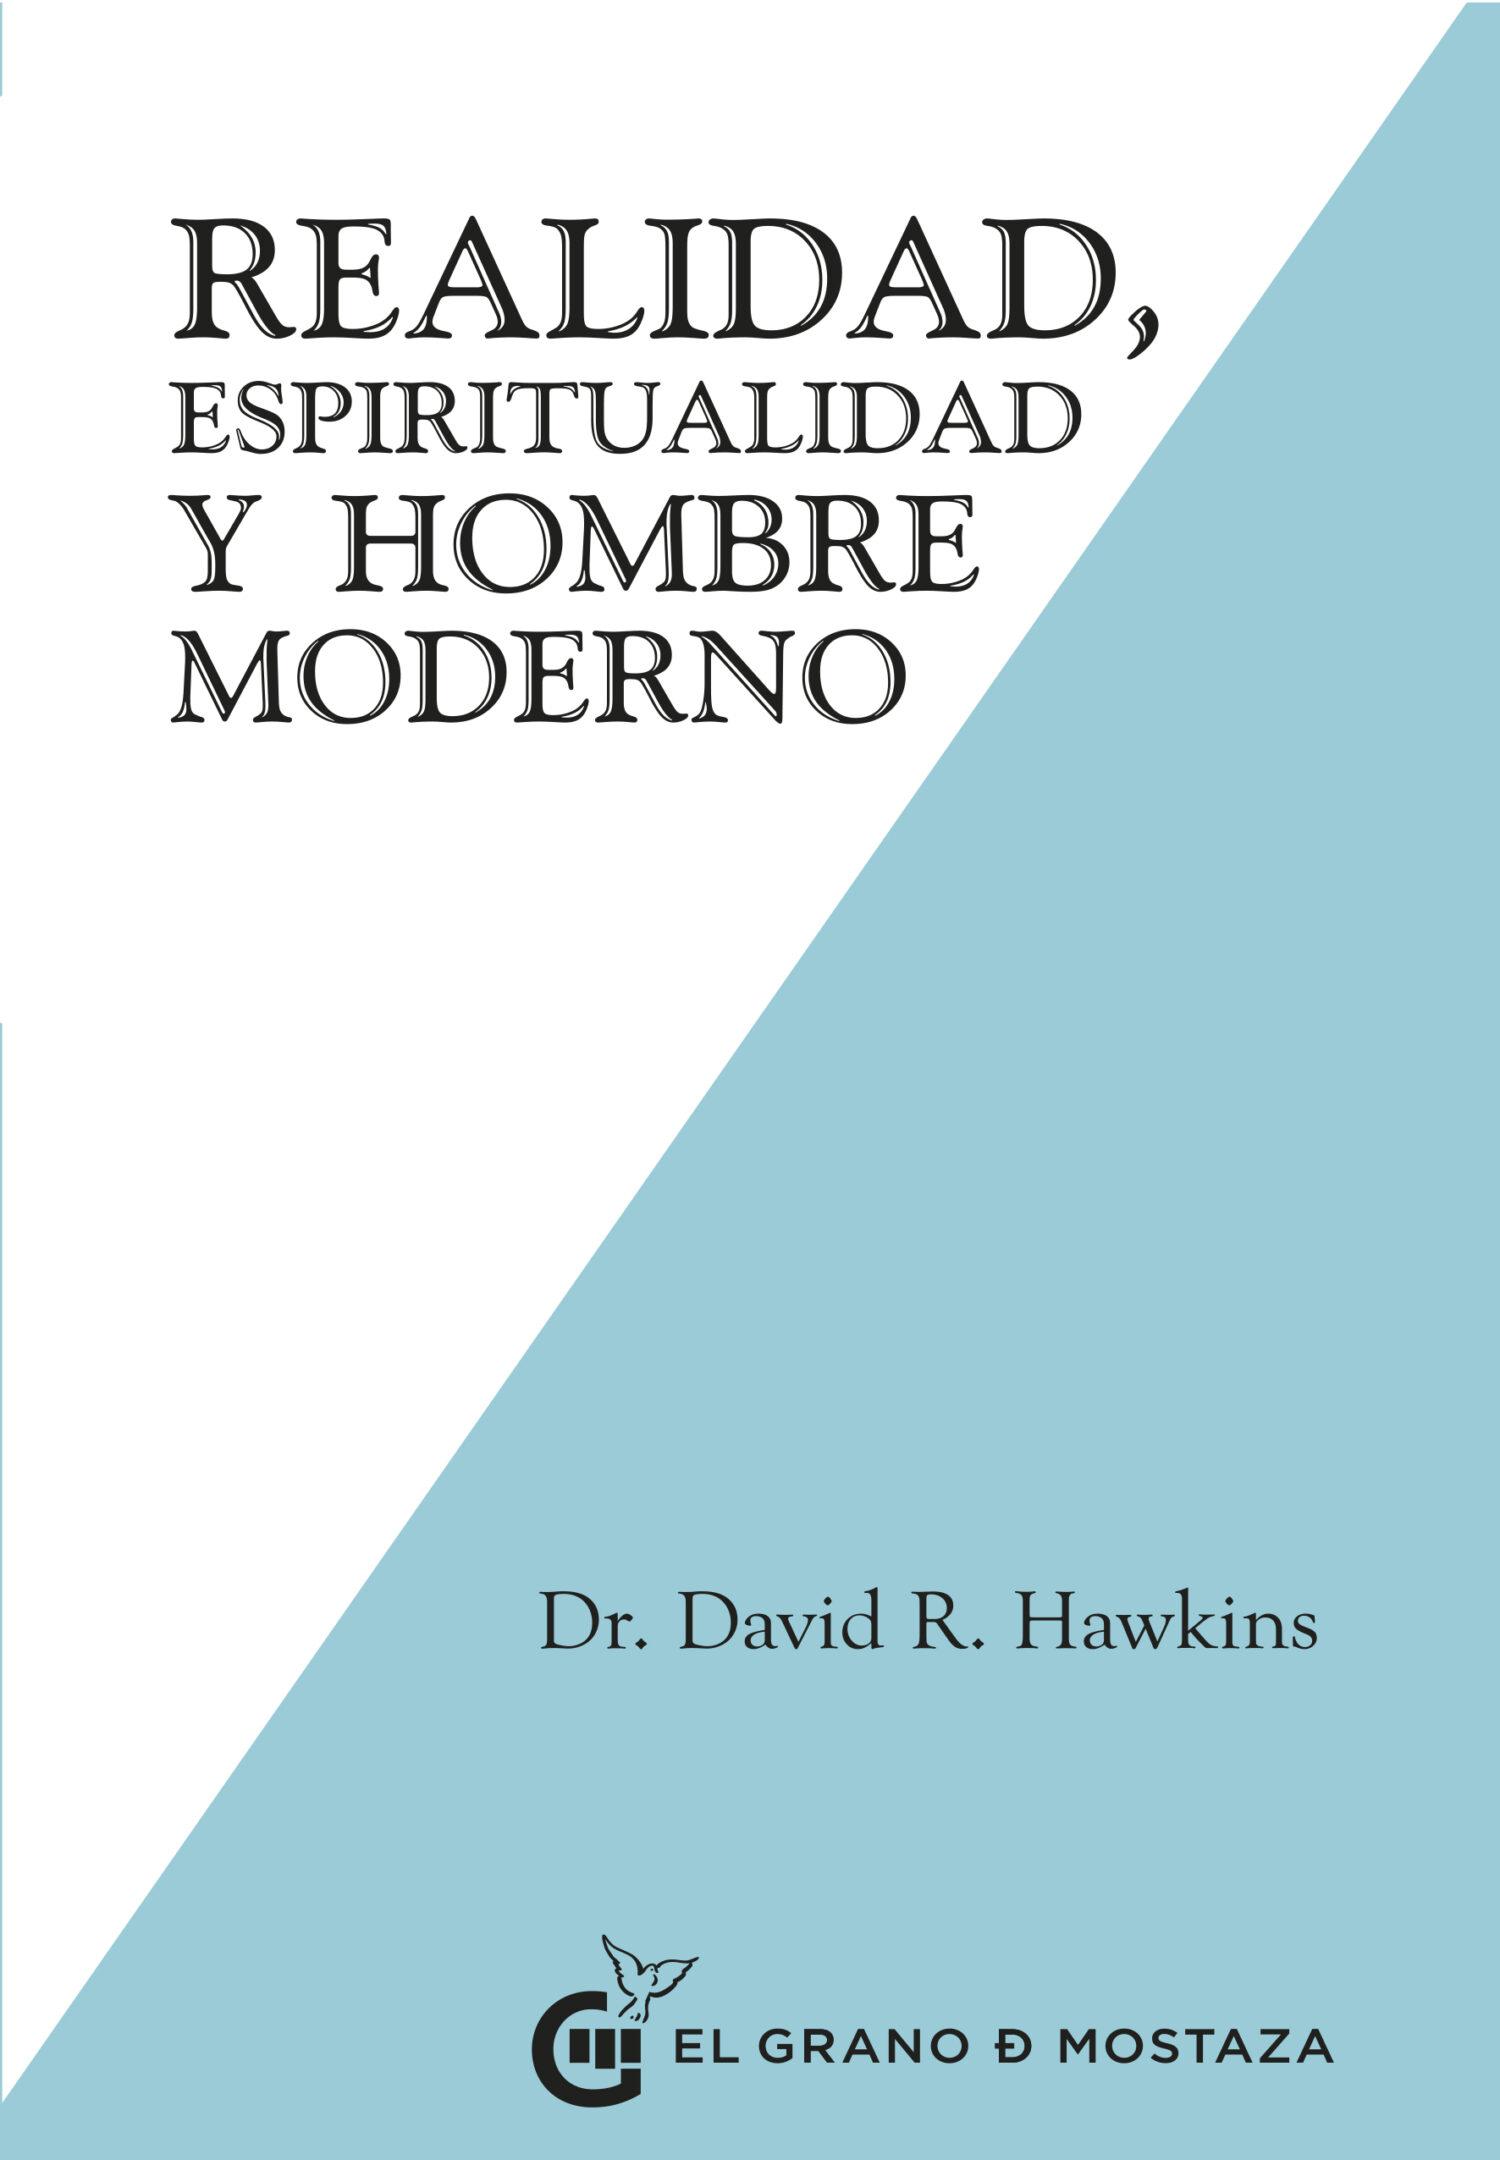 Realiad, Espitirualidad y Hombre Moderno.cdr